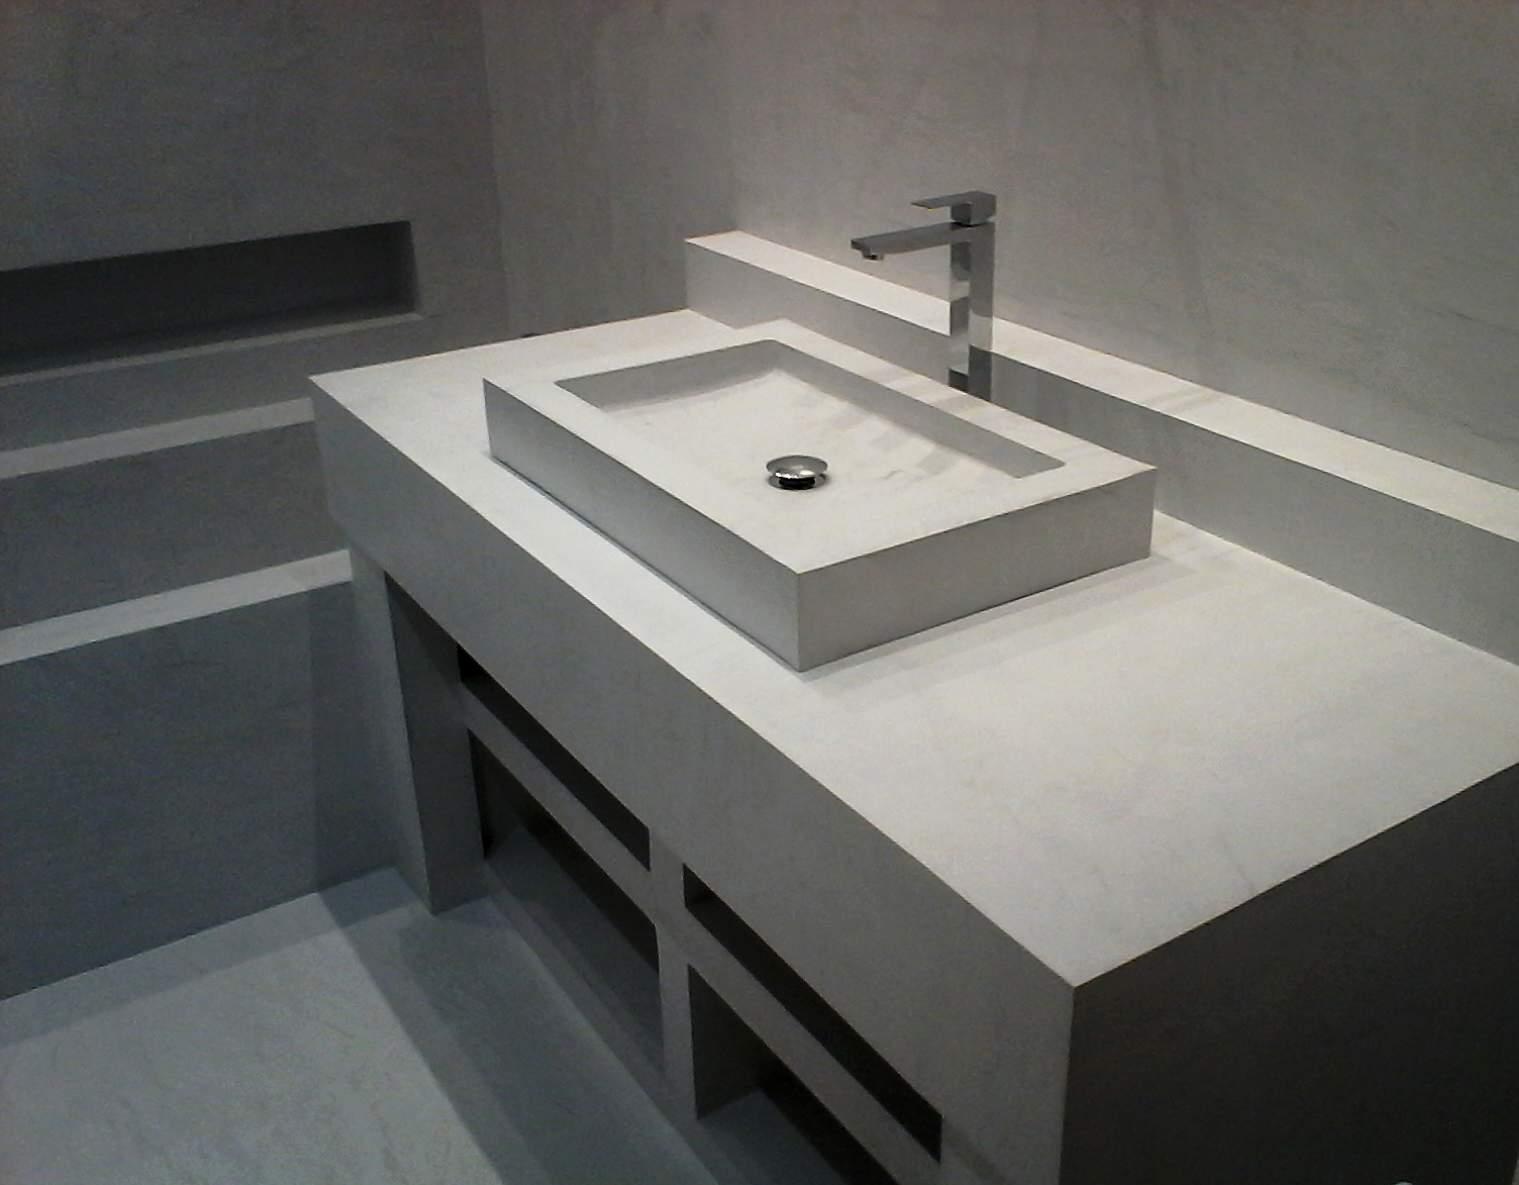 Plan de travail salle de bain beton cellulaire